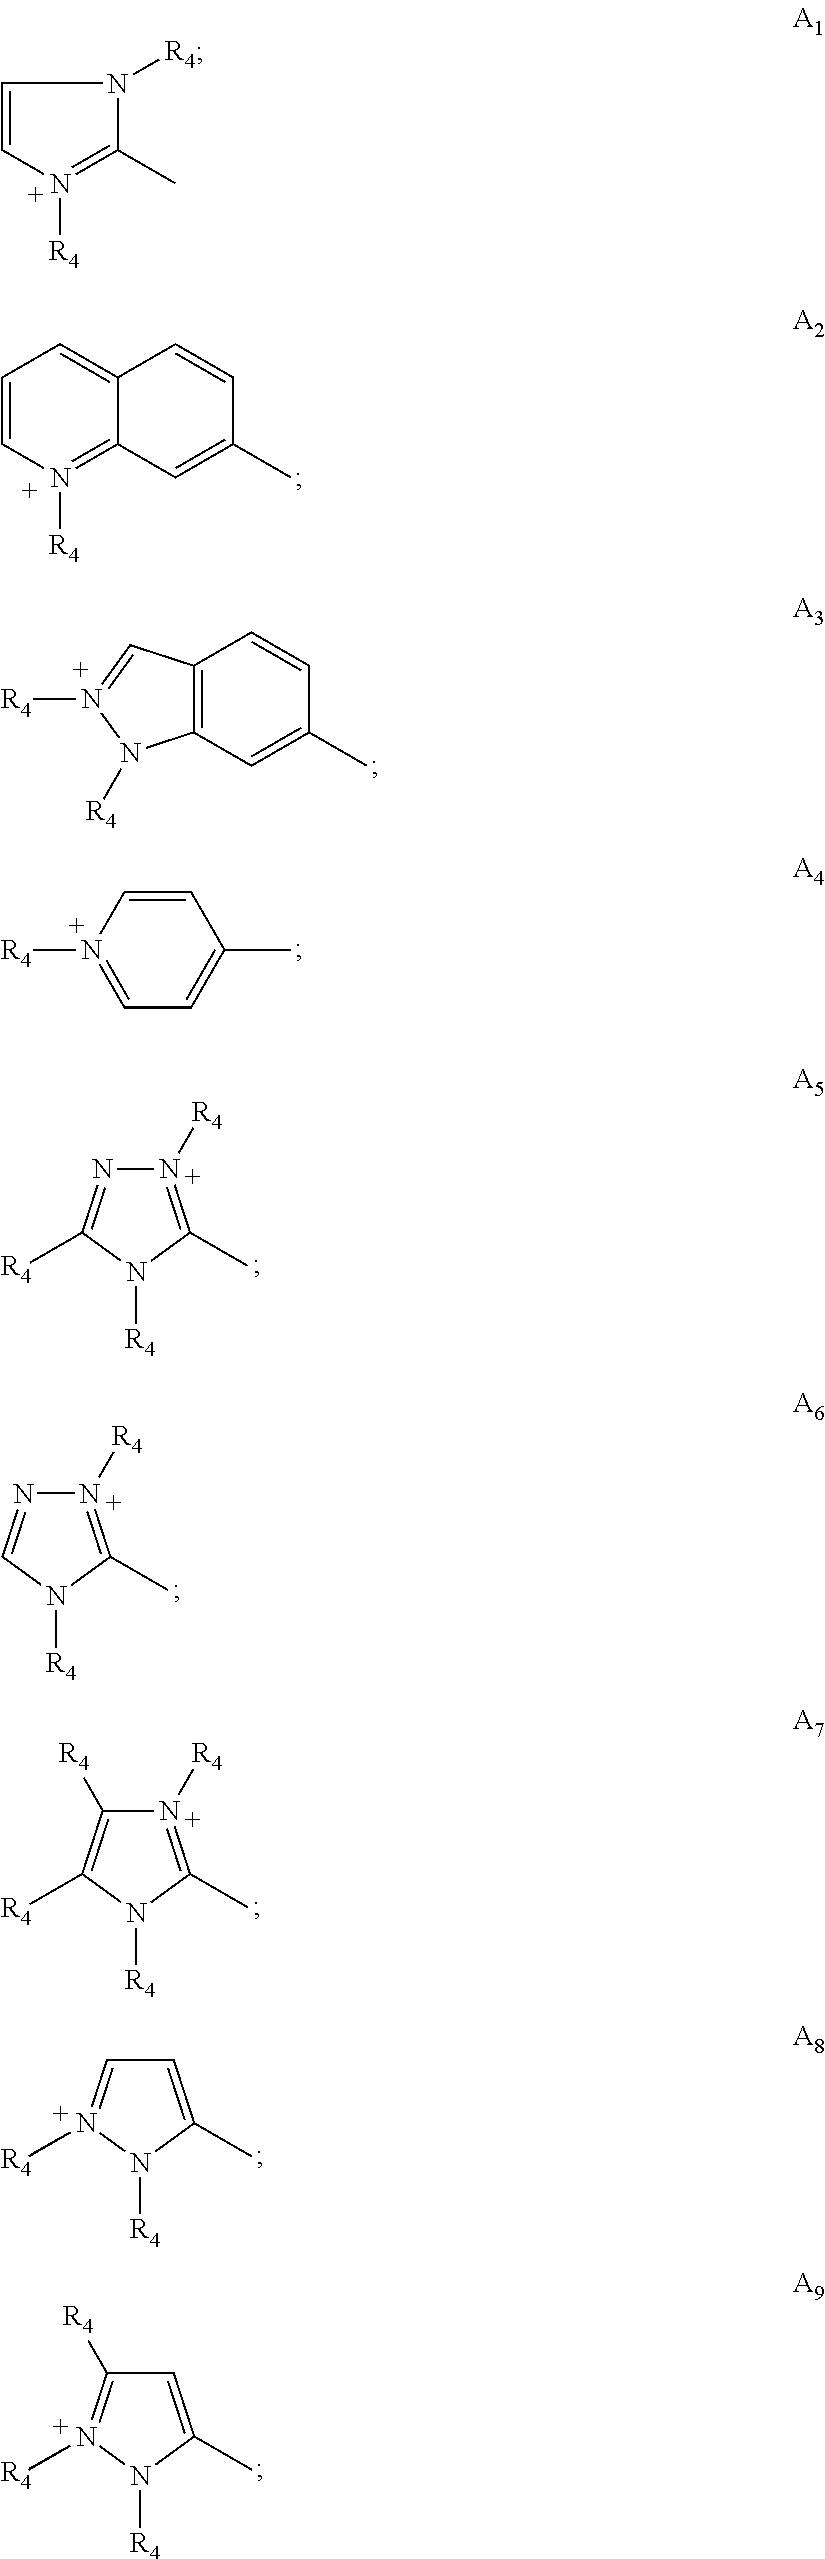 Figure US08118884-20120221-C00014